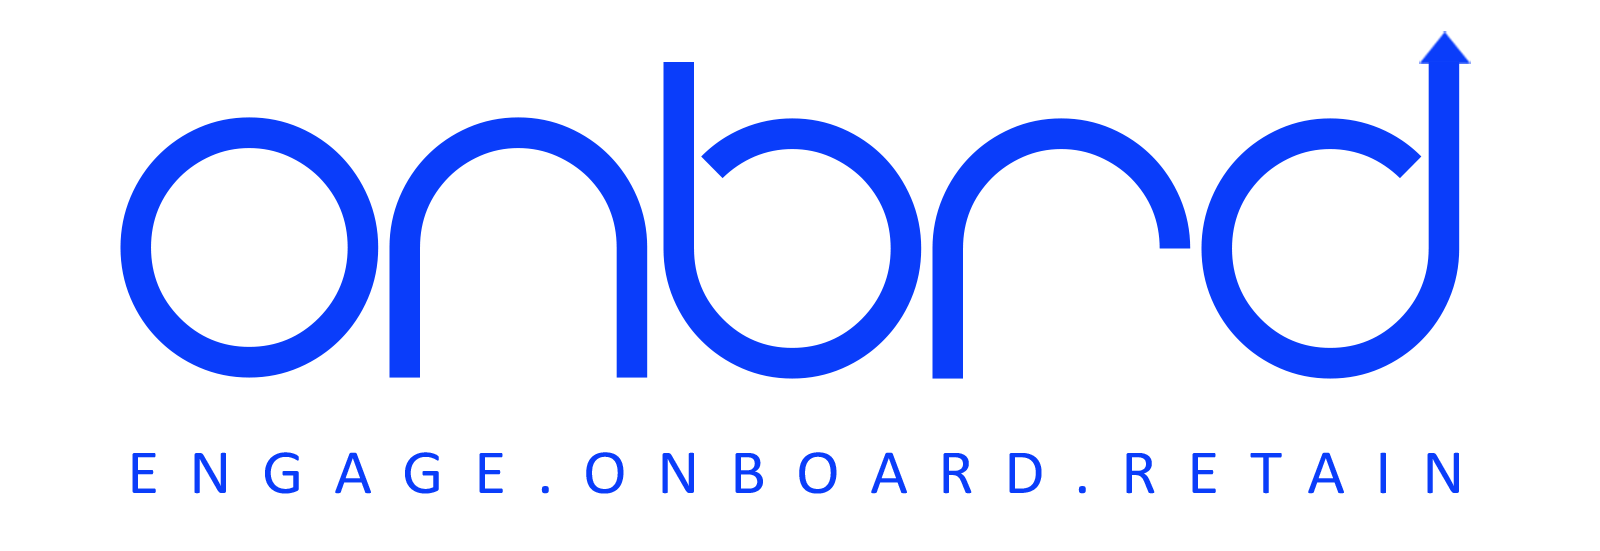 Onbrd.co.uk